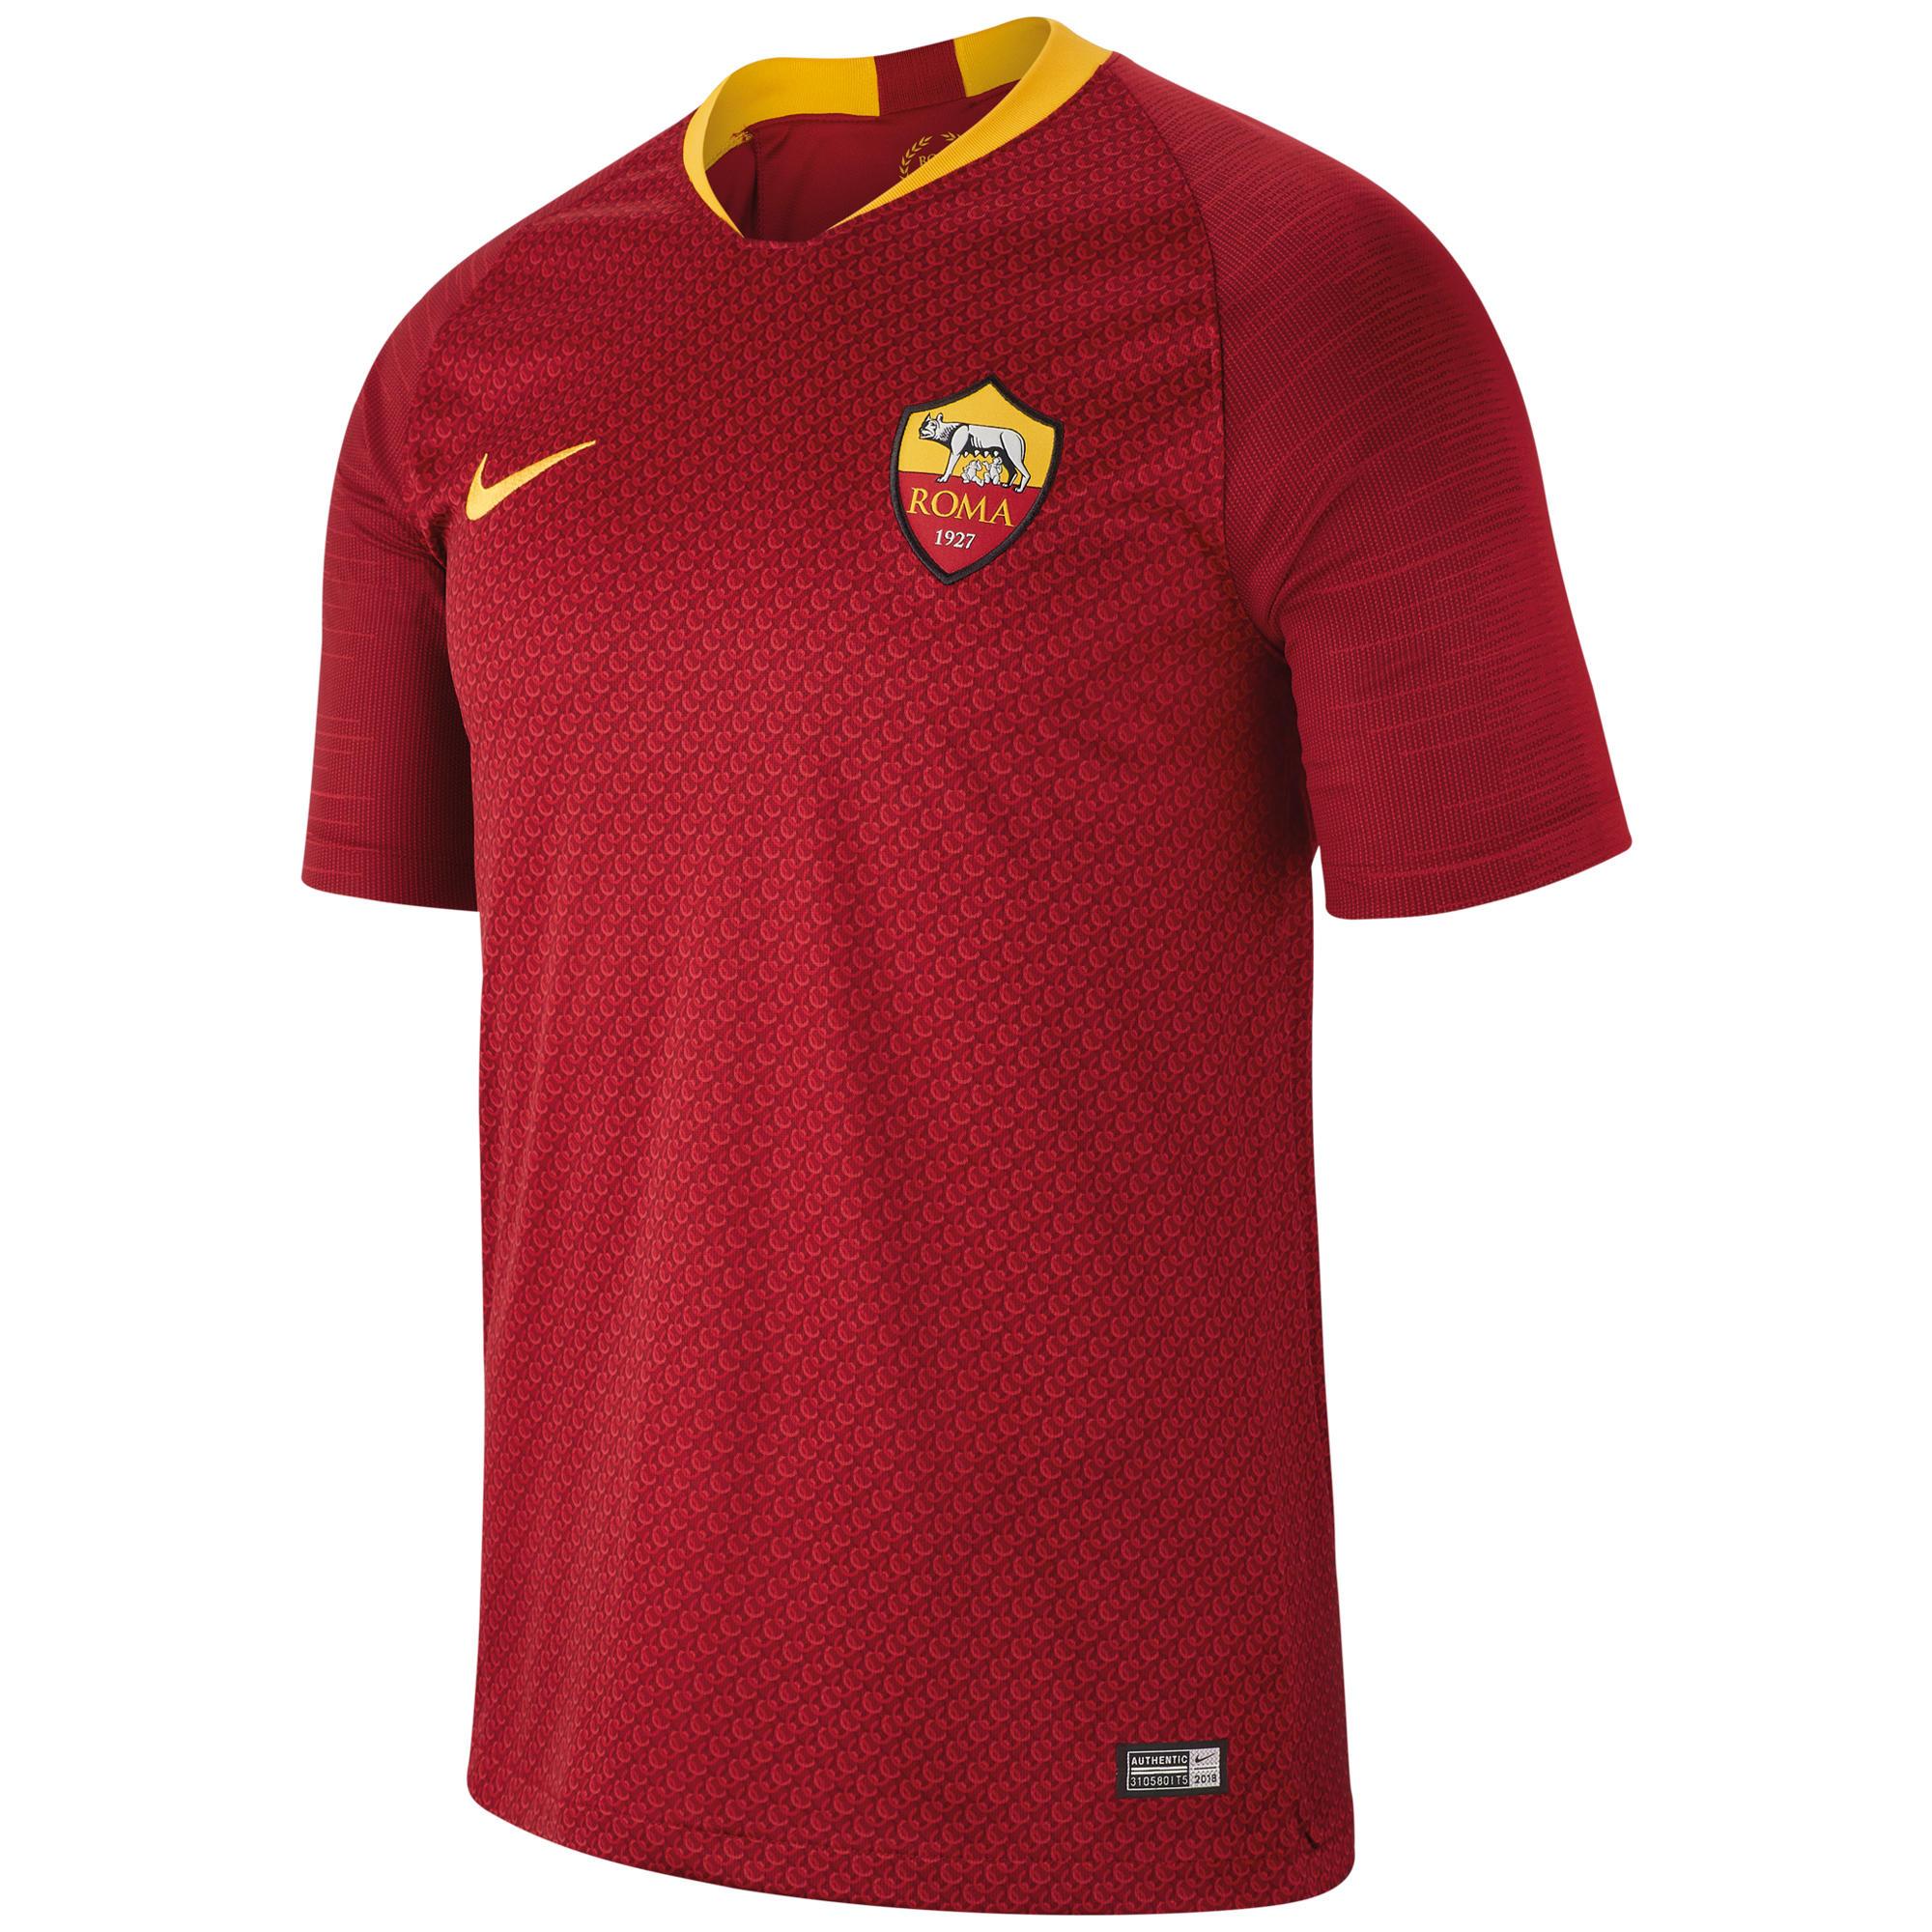 Camisetas Oficiales Selecciones y Equipos Fútbol  afb1fb7b01539